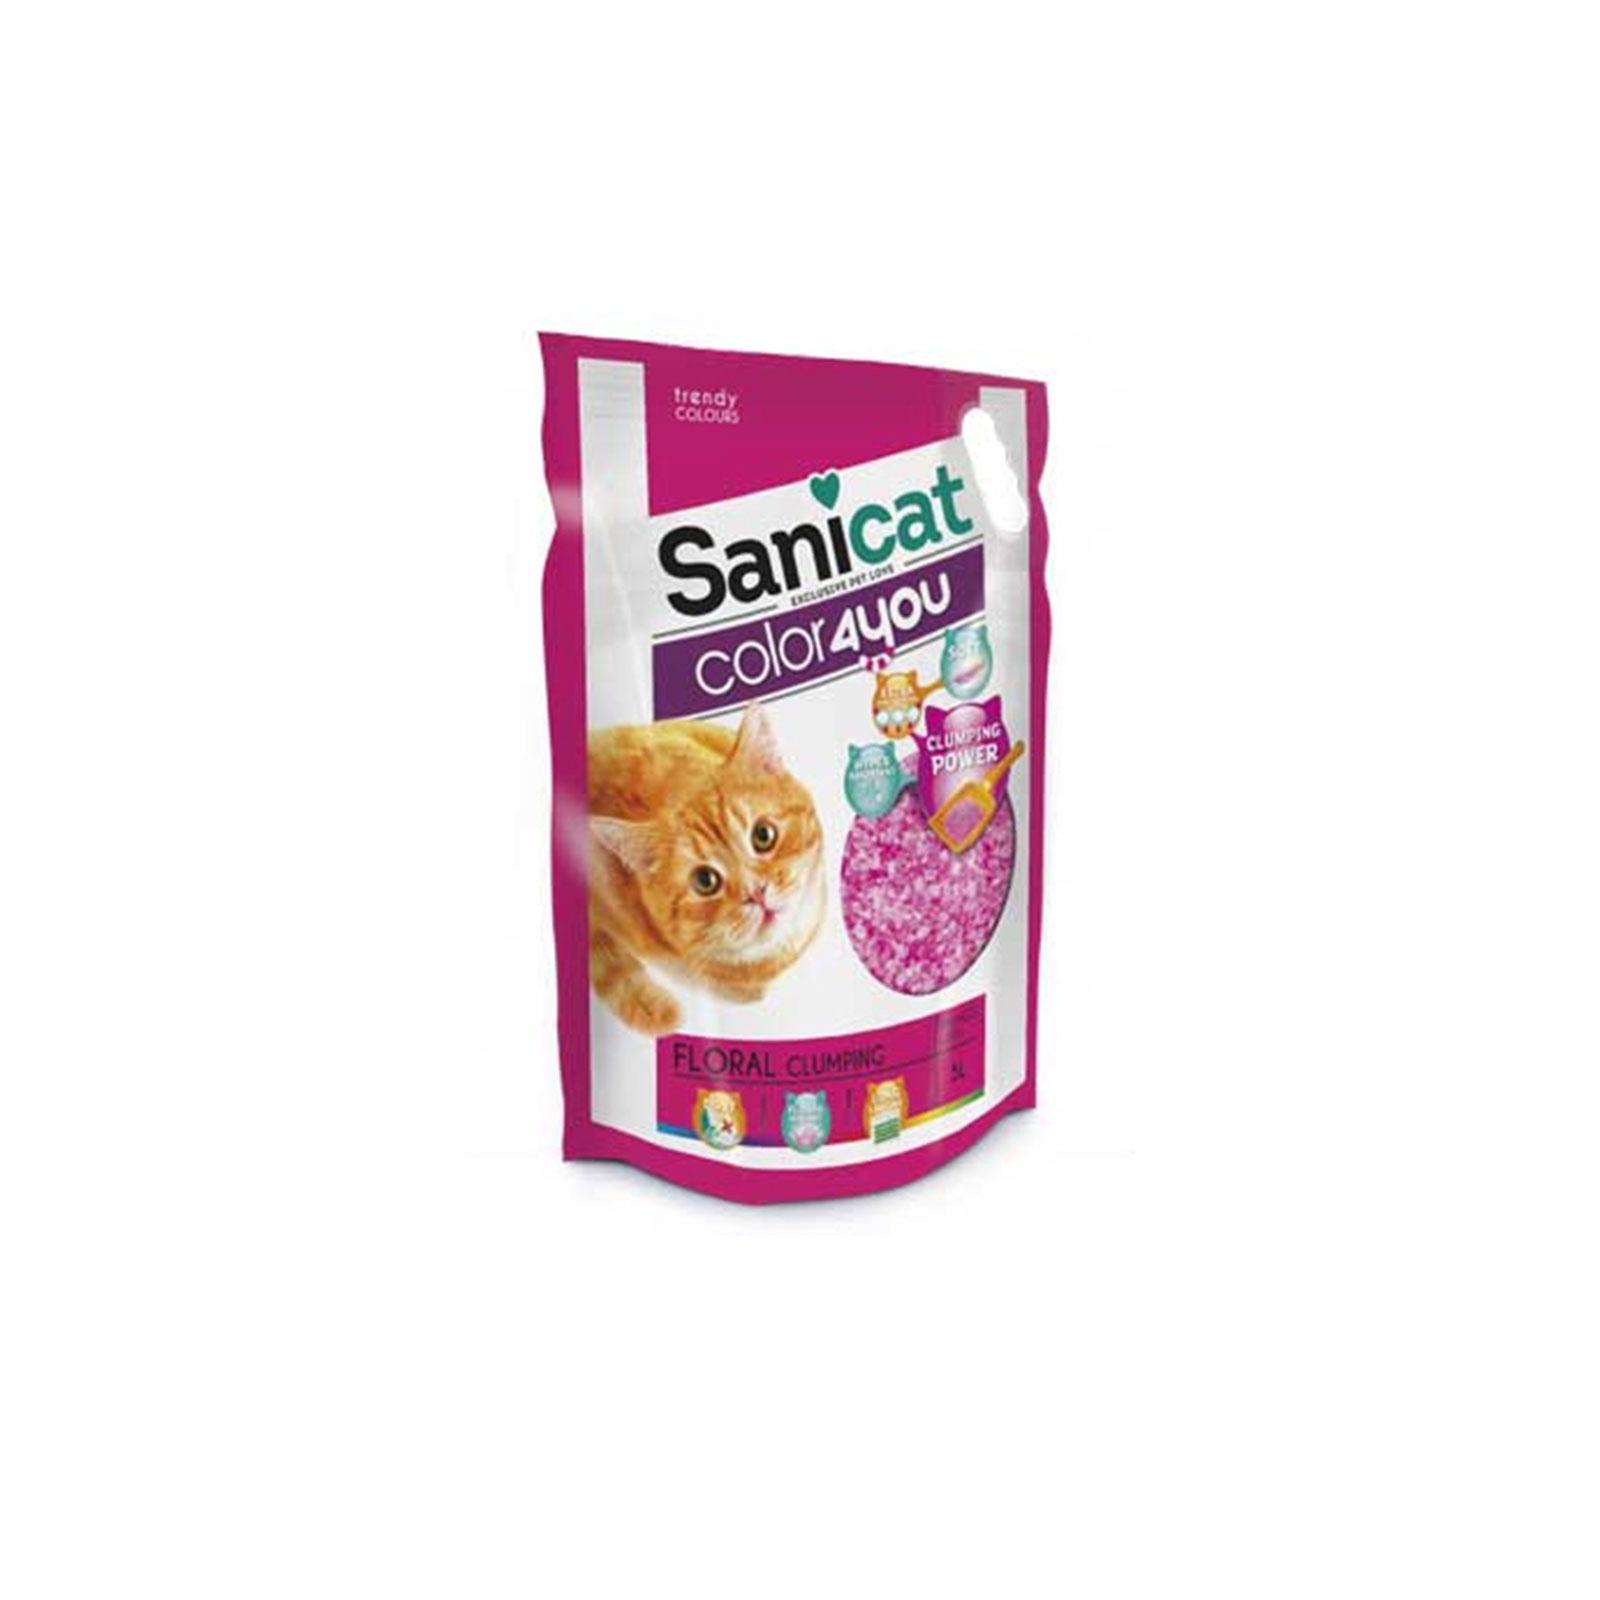 Sanicat - Color 4 you pink - Posip za mačke, silikonski, grudvajući, pink